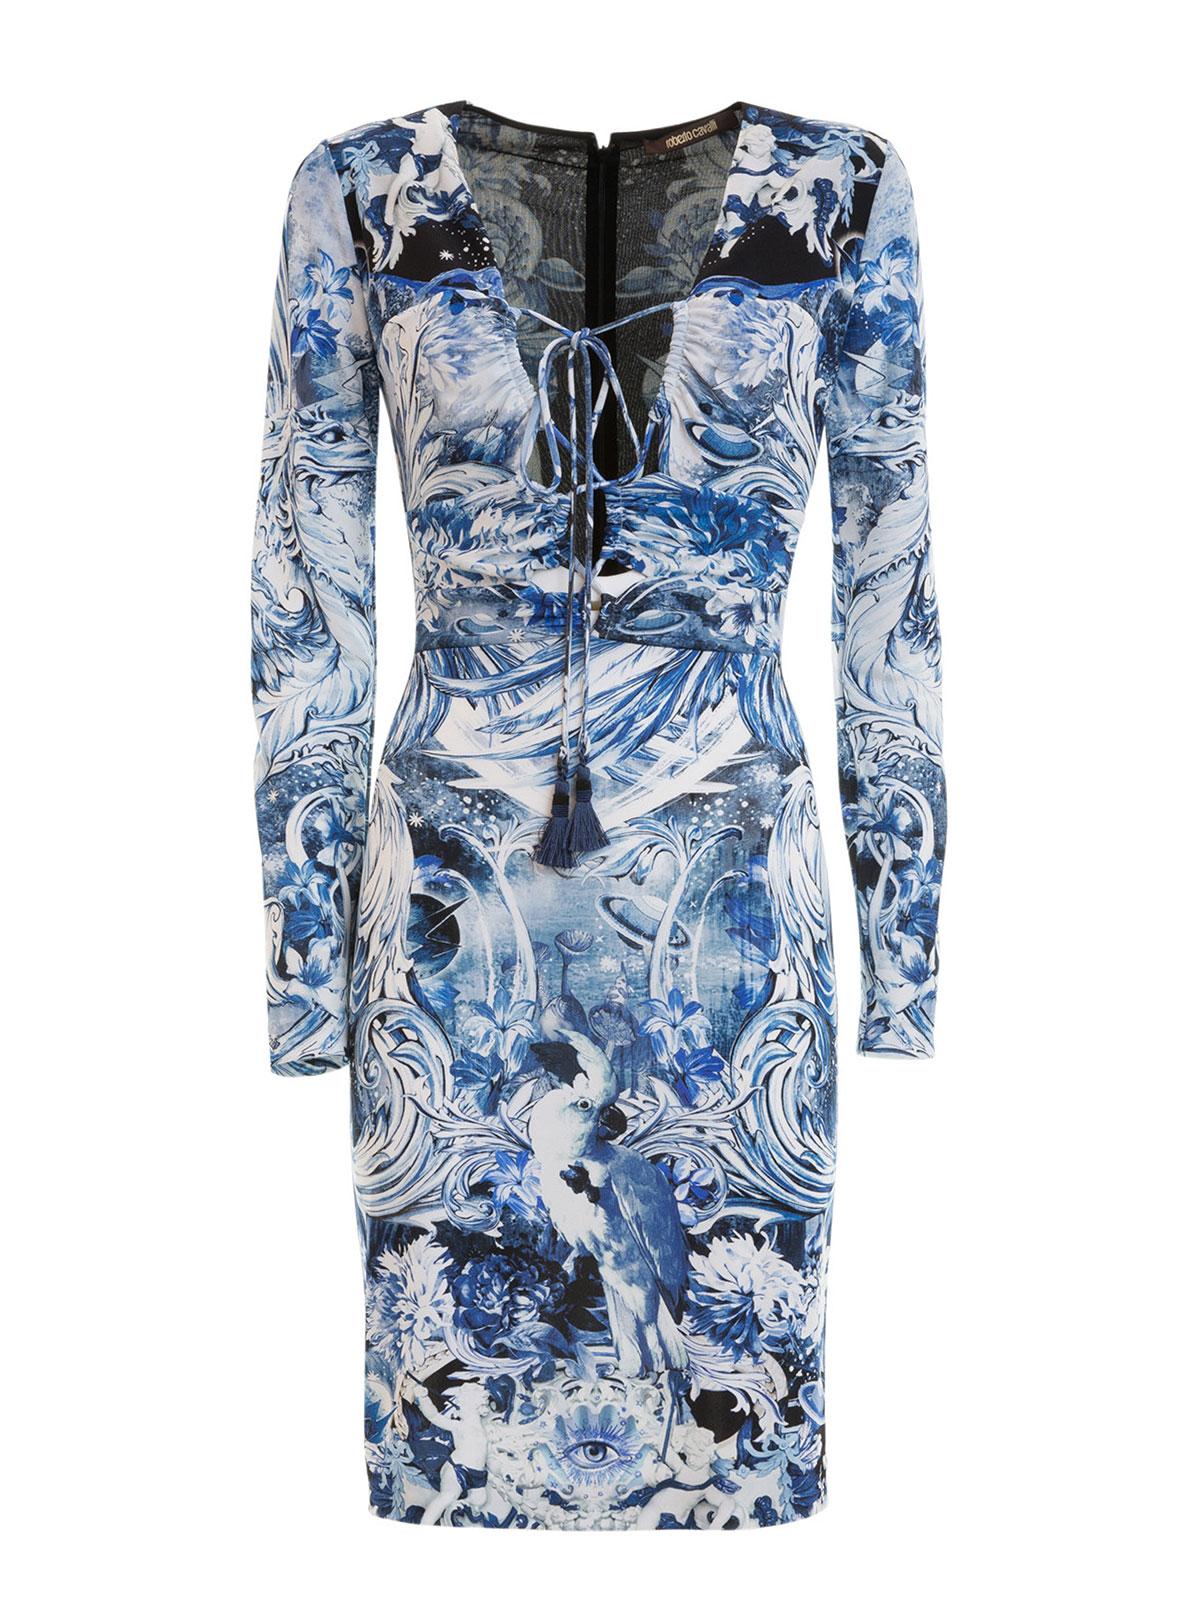 knielanges kleid phoenix hellblau von roberto cavalli knielange kleider ikrix. Black Bedroom Furniture Sets. Home Design Ideas